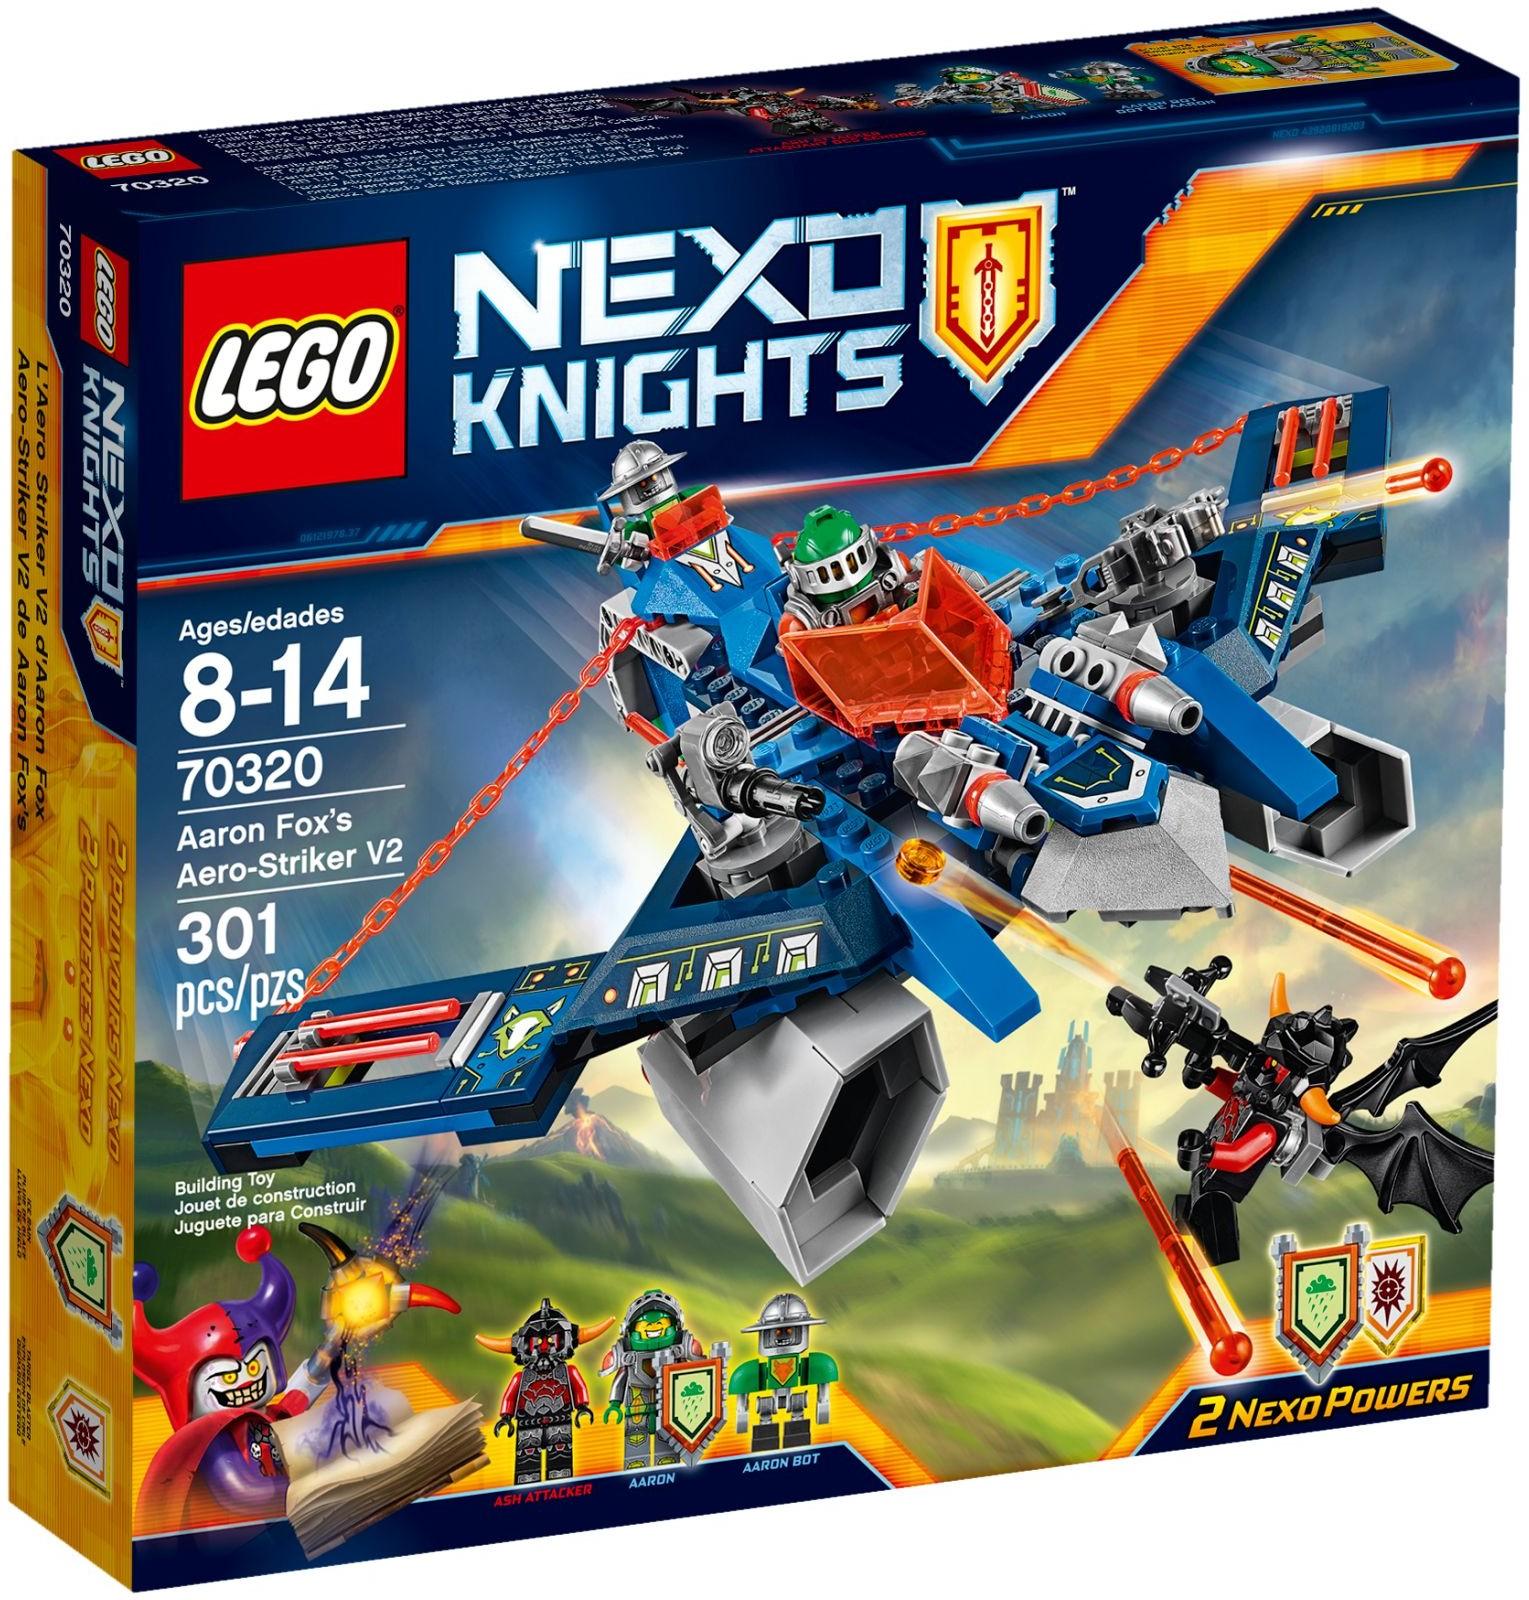 LEGO # 70320 NEXO KNIGHTS Aaron Foxs Aero-Striker V2